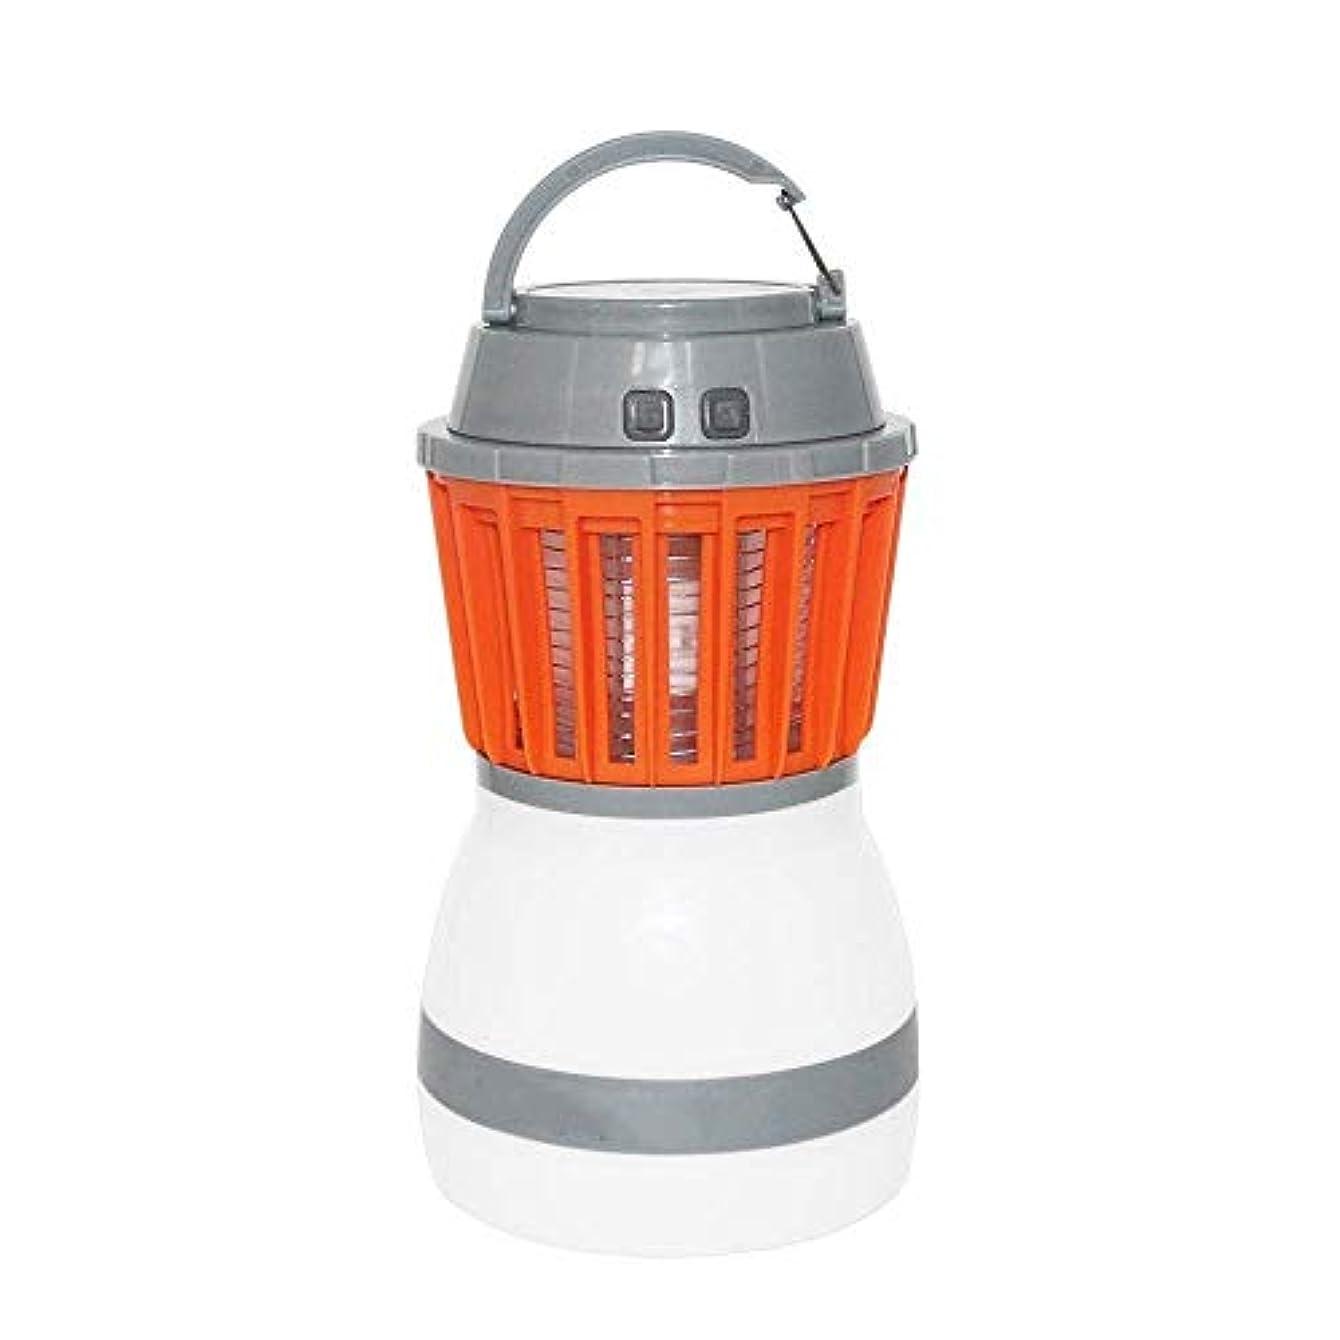 尋ねる抜け目のない担当者ROLLMWW カのキラーランプ、屋内および屋外の防水のための紫外線LEDの電子昆虫及びはえのキラー